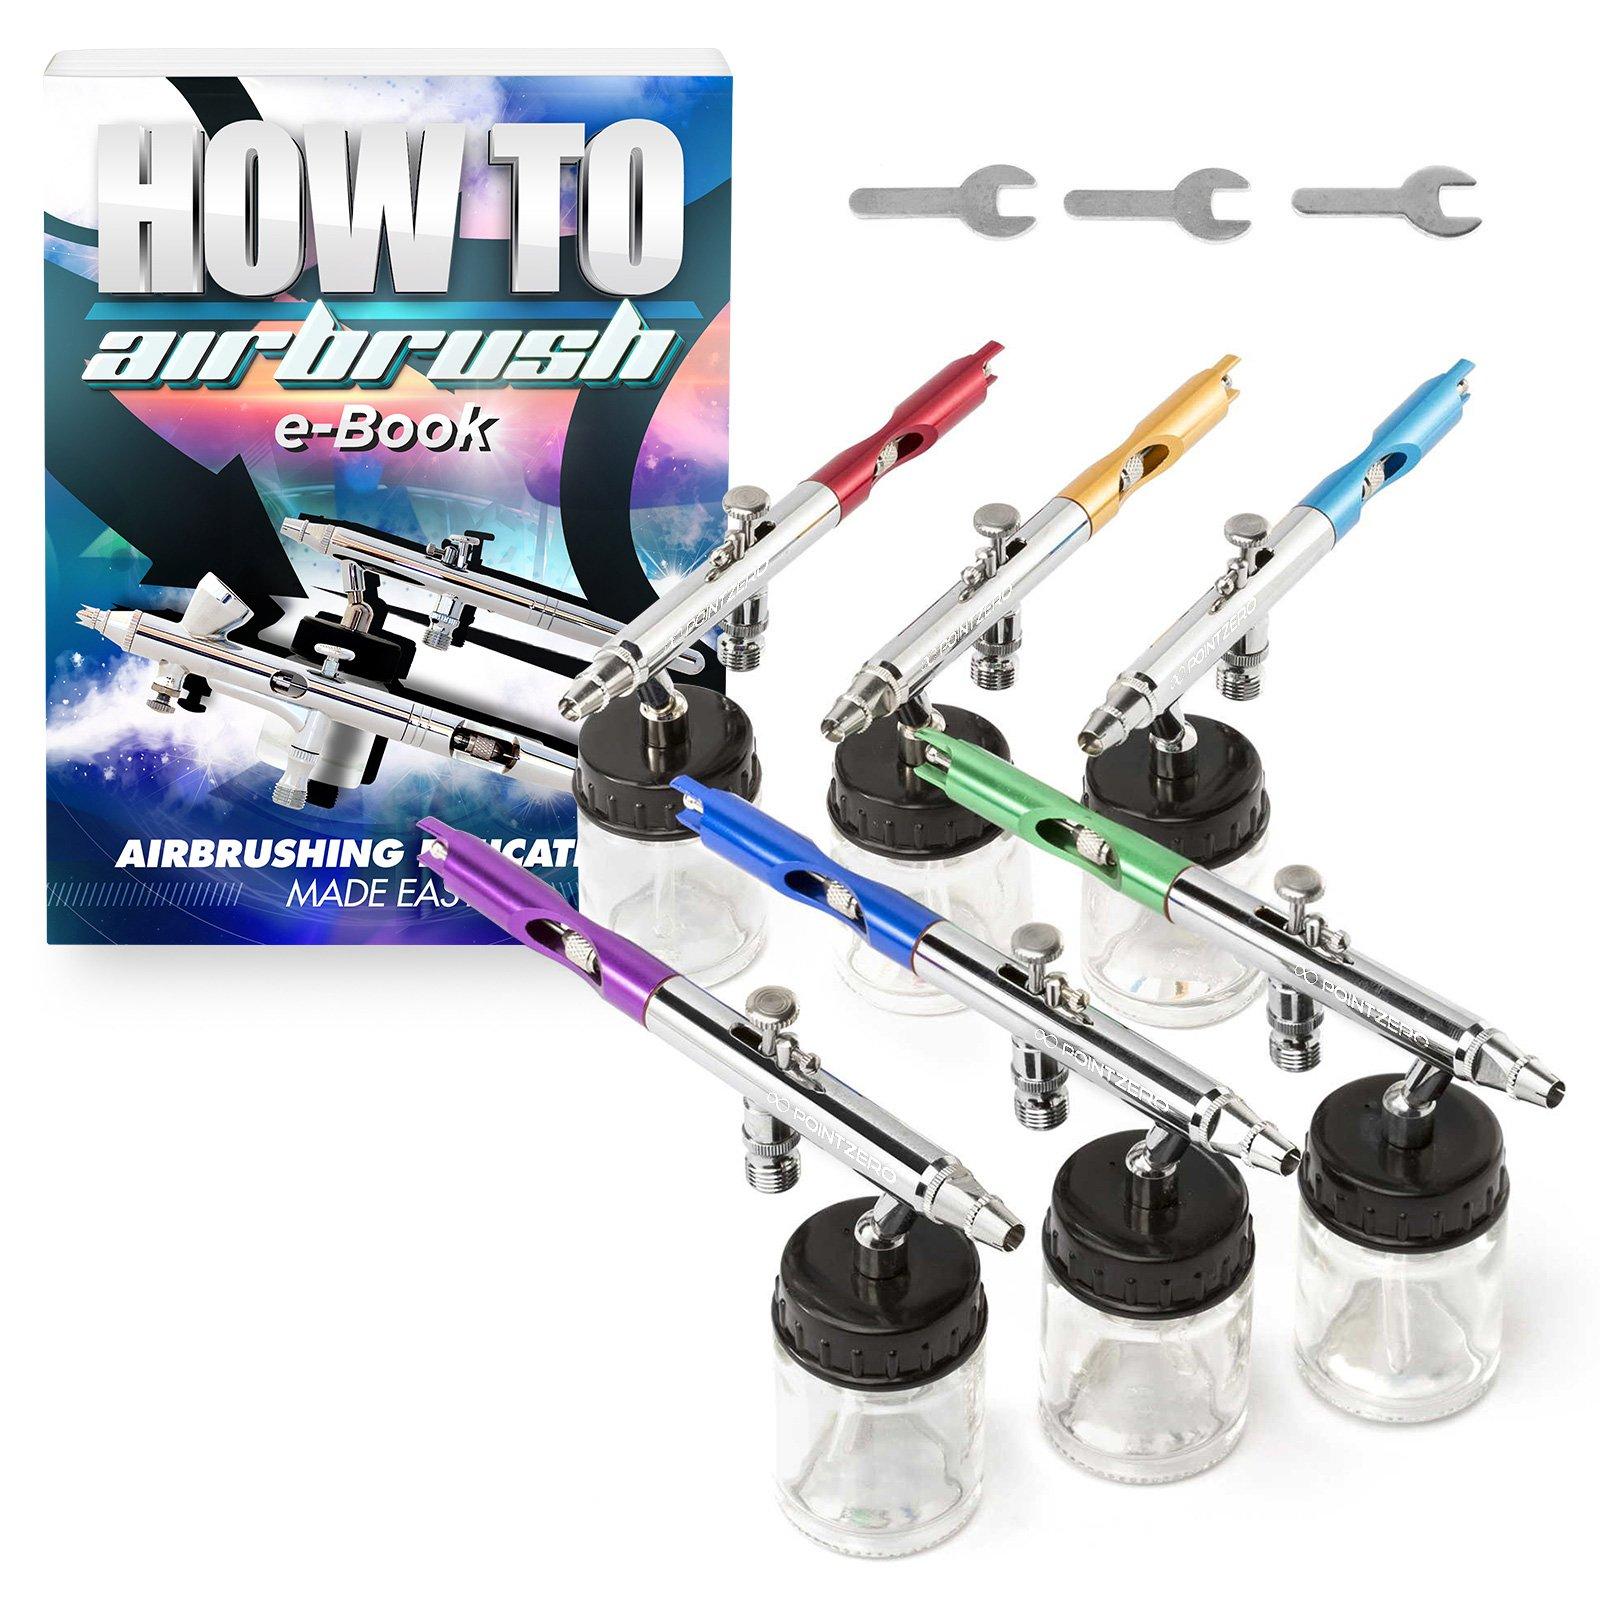 PointZero PointZero PZ-12XS Dual-Action Six Airbrush Set w/Carry Case